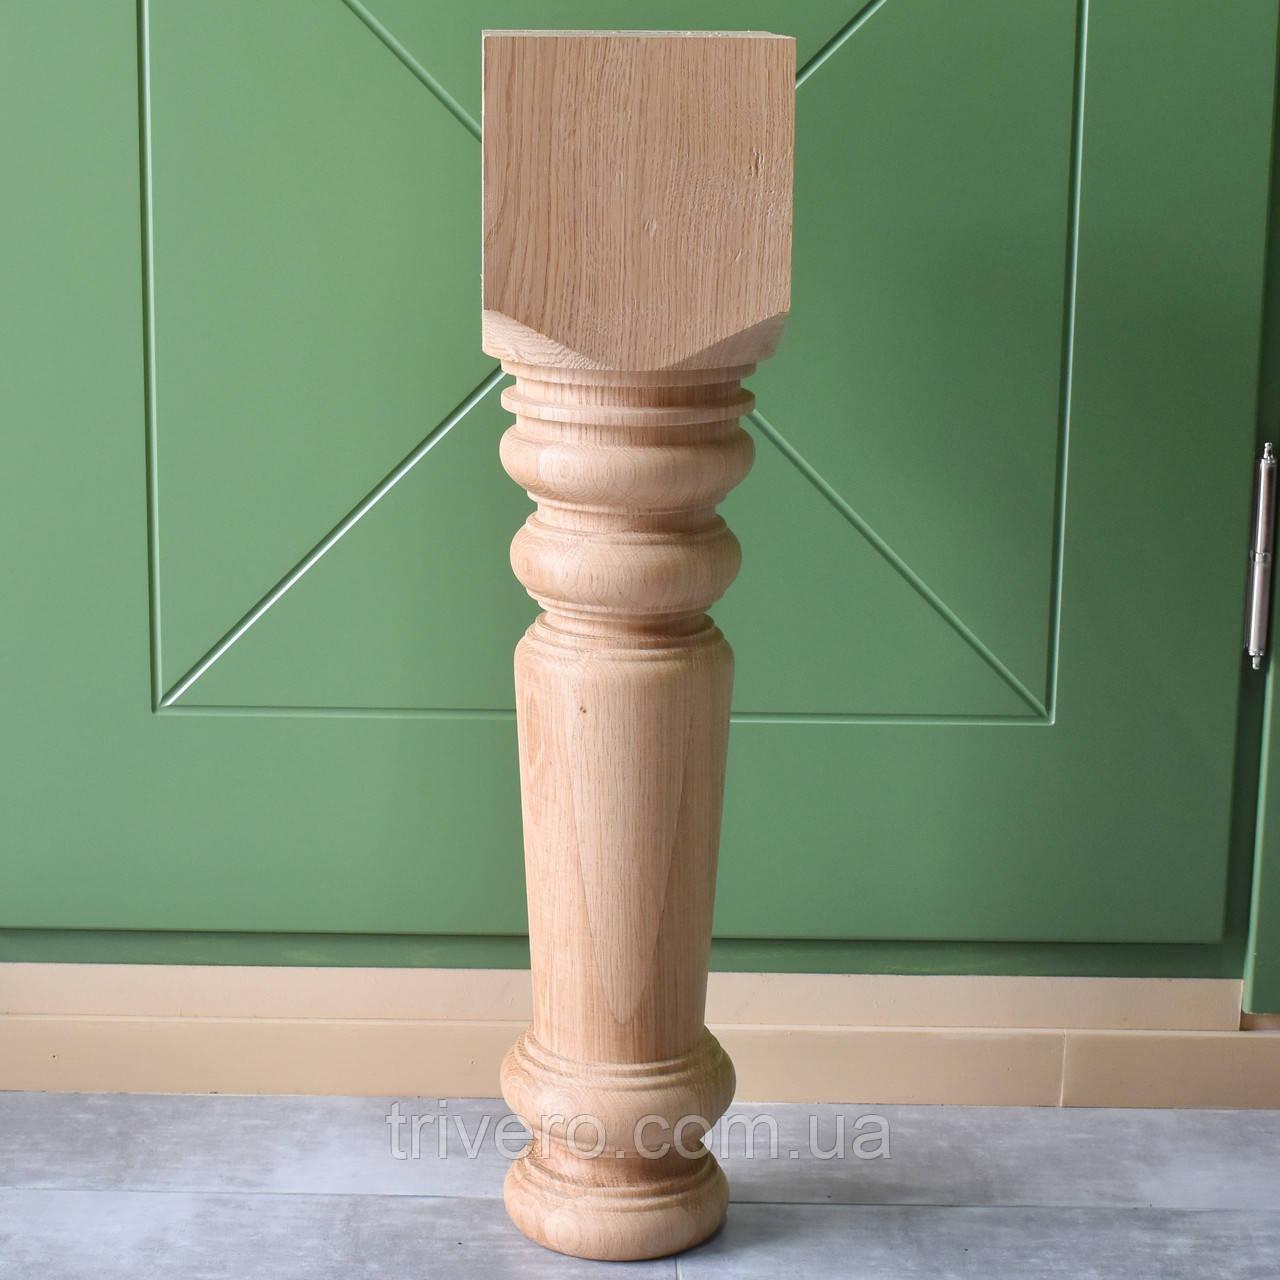 Мебельные ножки и опоры деревянные для стола большого диаметра H.680 D.160